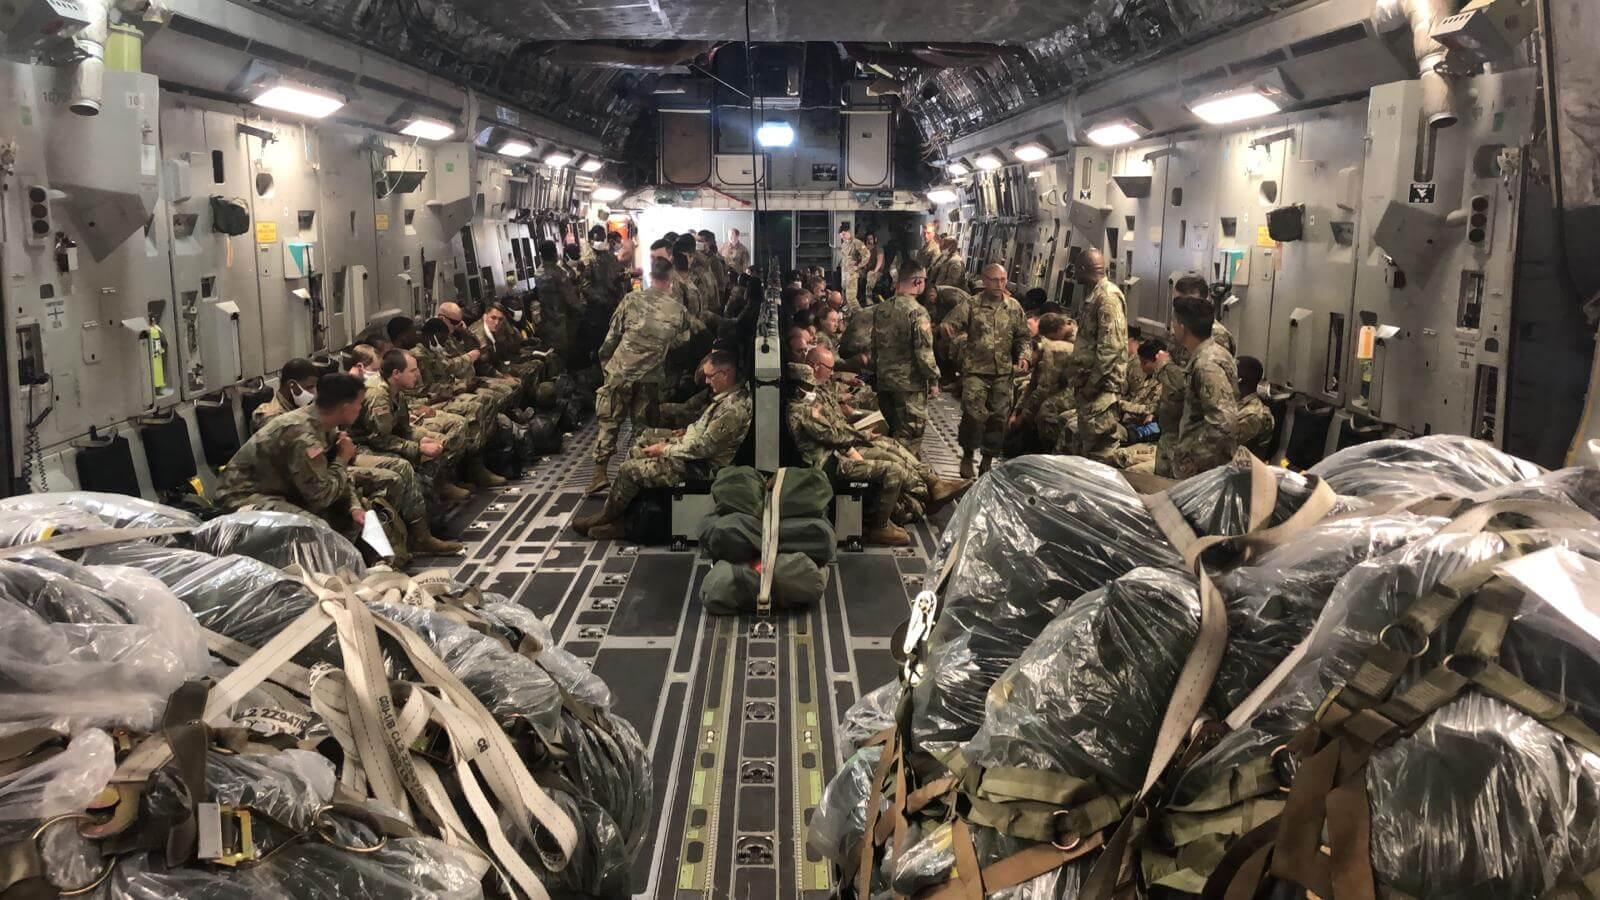 Image illustrative de l'armée américaine. (Via: Photos publiques)